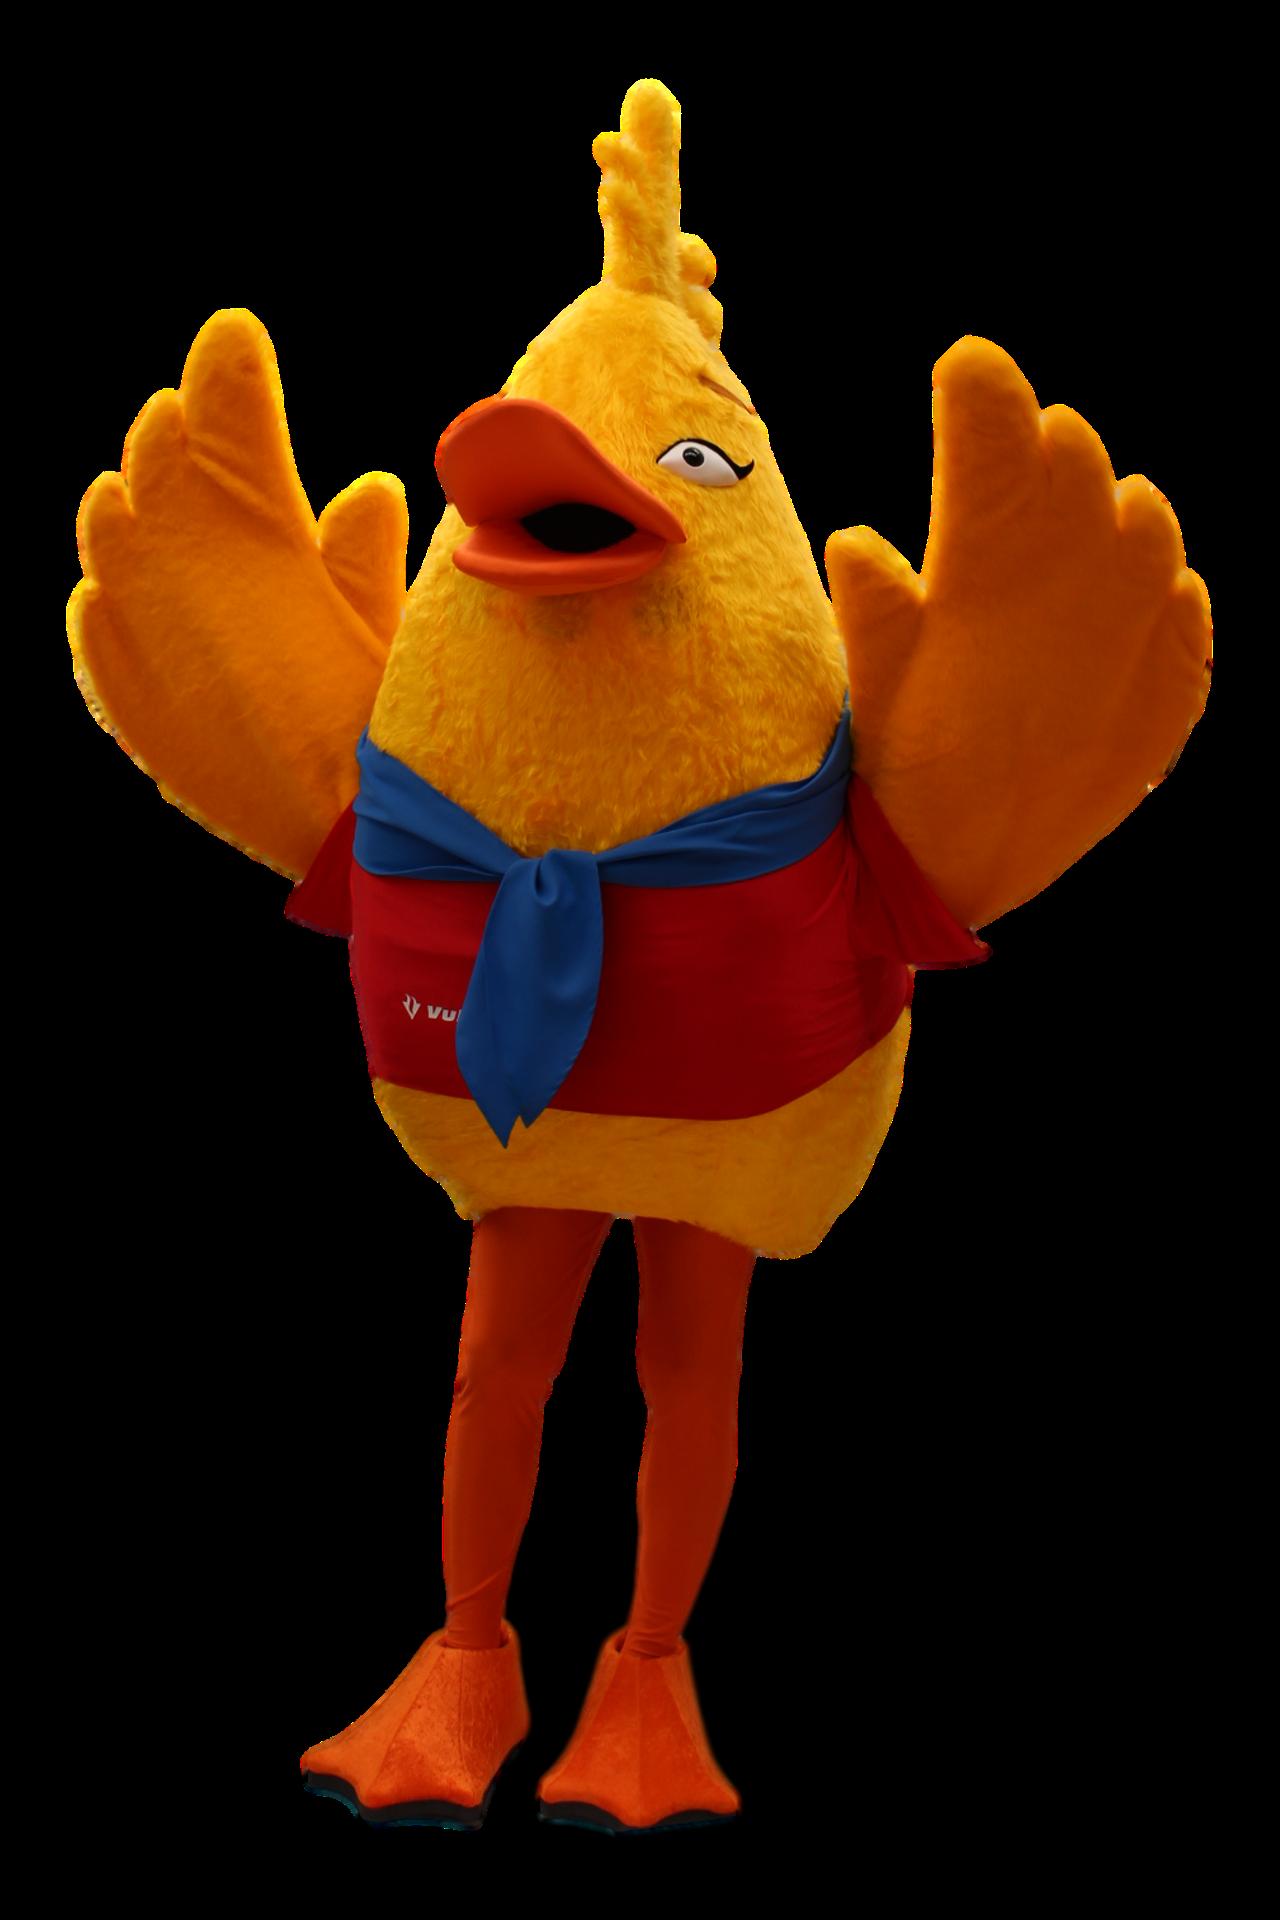 Mascote Partyval Pato Vulcano 2